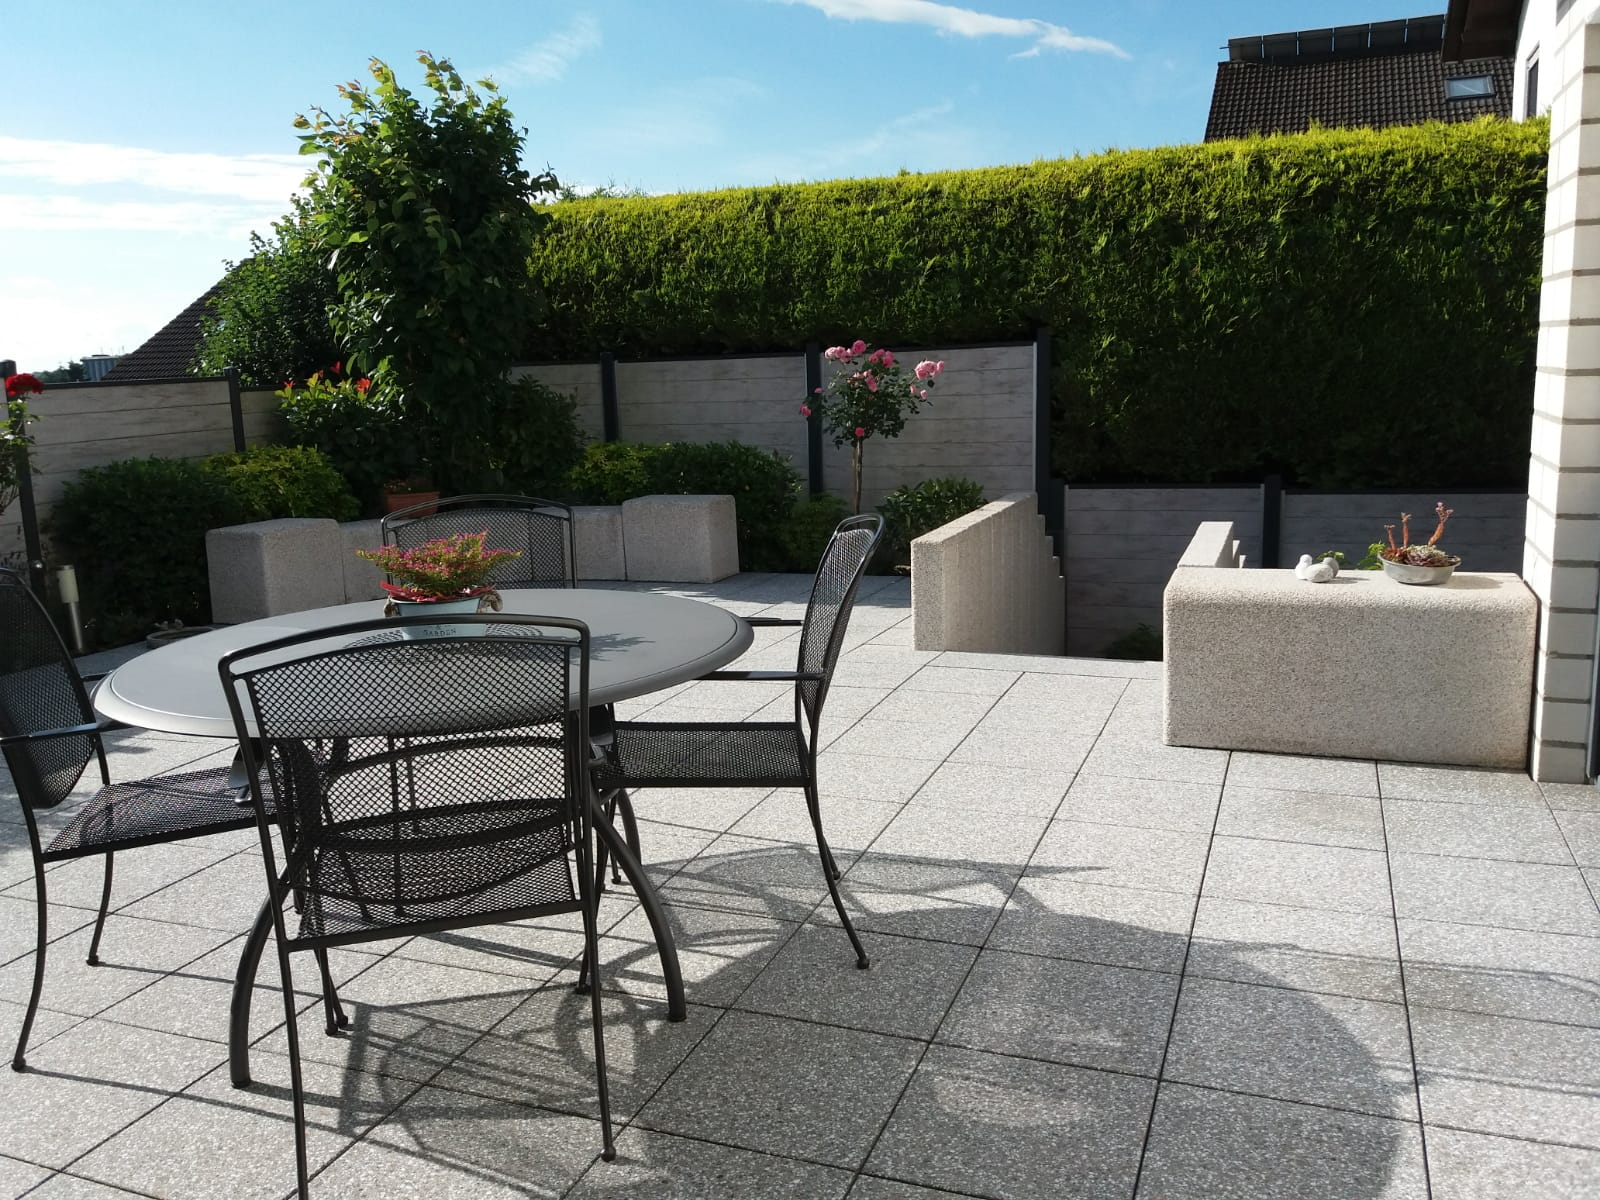 Blick auf die Terrassenmöbel und die frisch gereinigten Platten und Sitzblöcke.